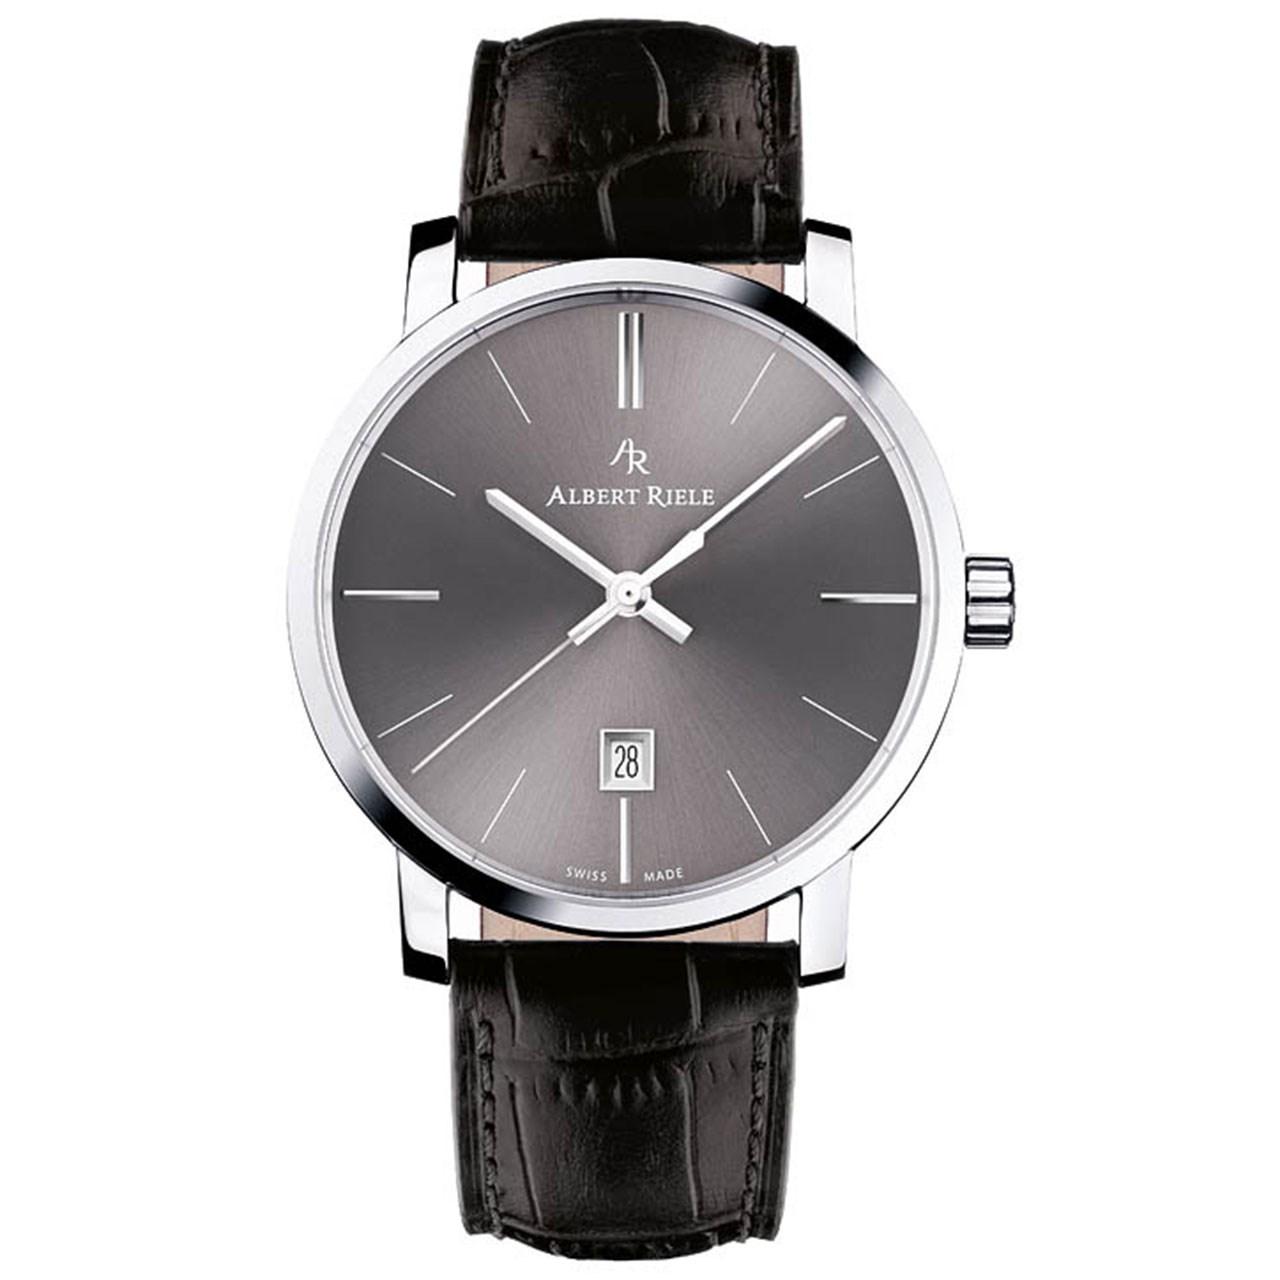 ساعت  آلبرت ریله مدل 203GQ02-SS22I-LB